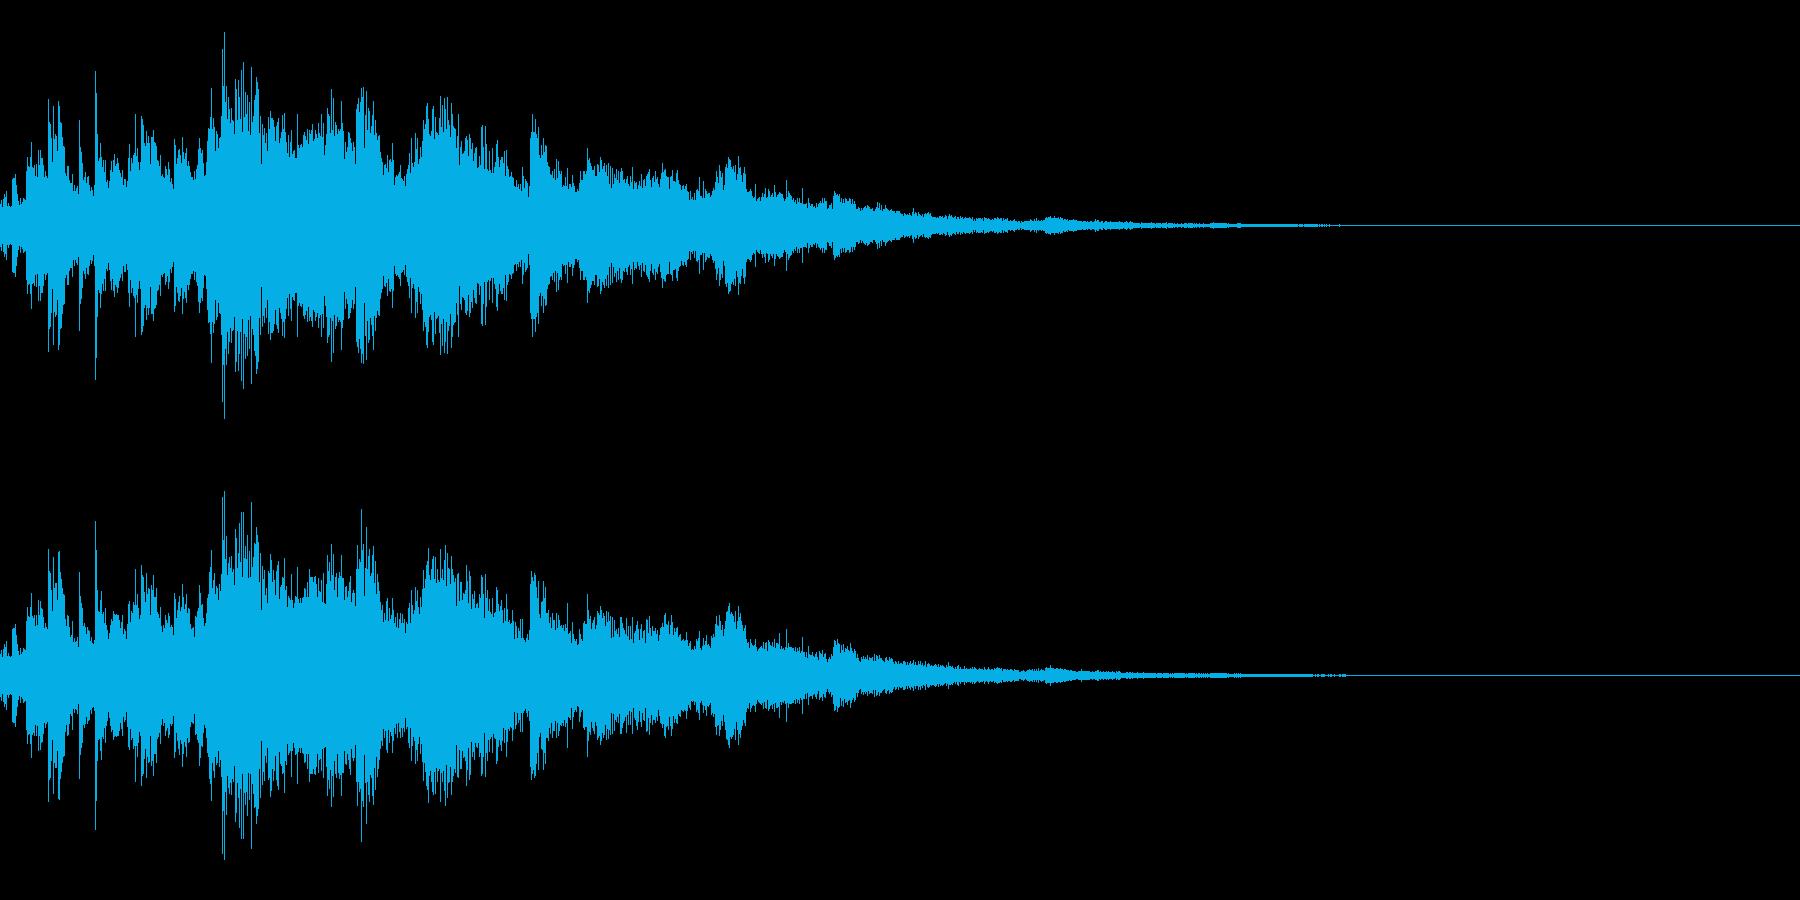 ウインドチャイム効果音の再生済みの波形